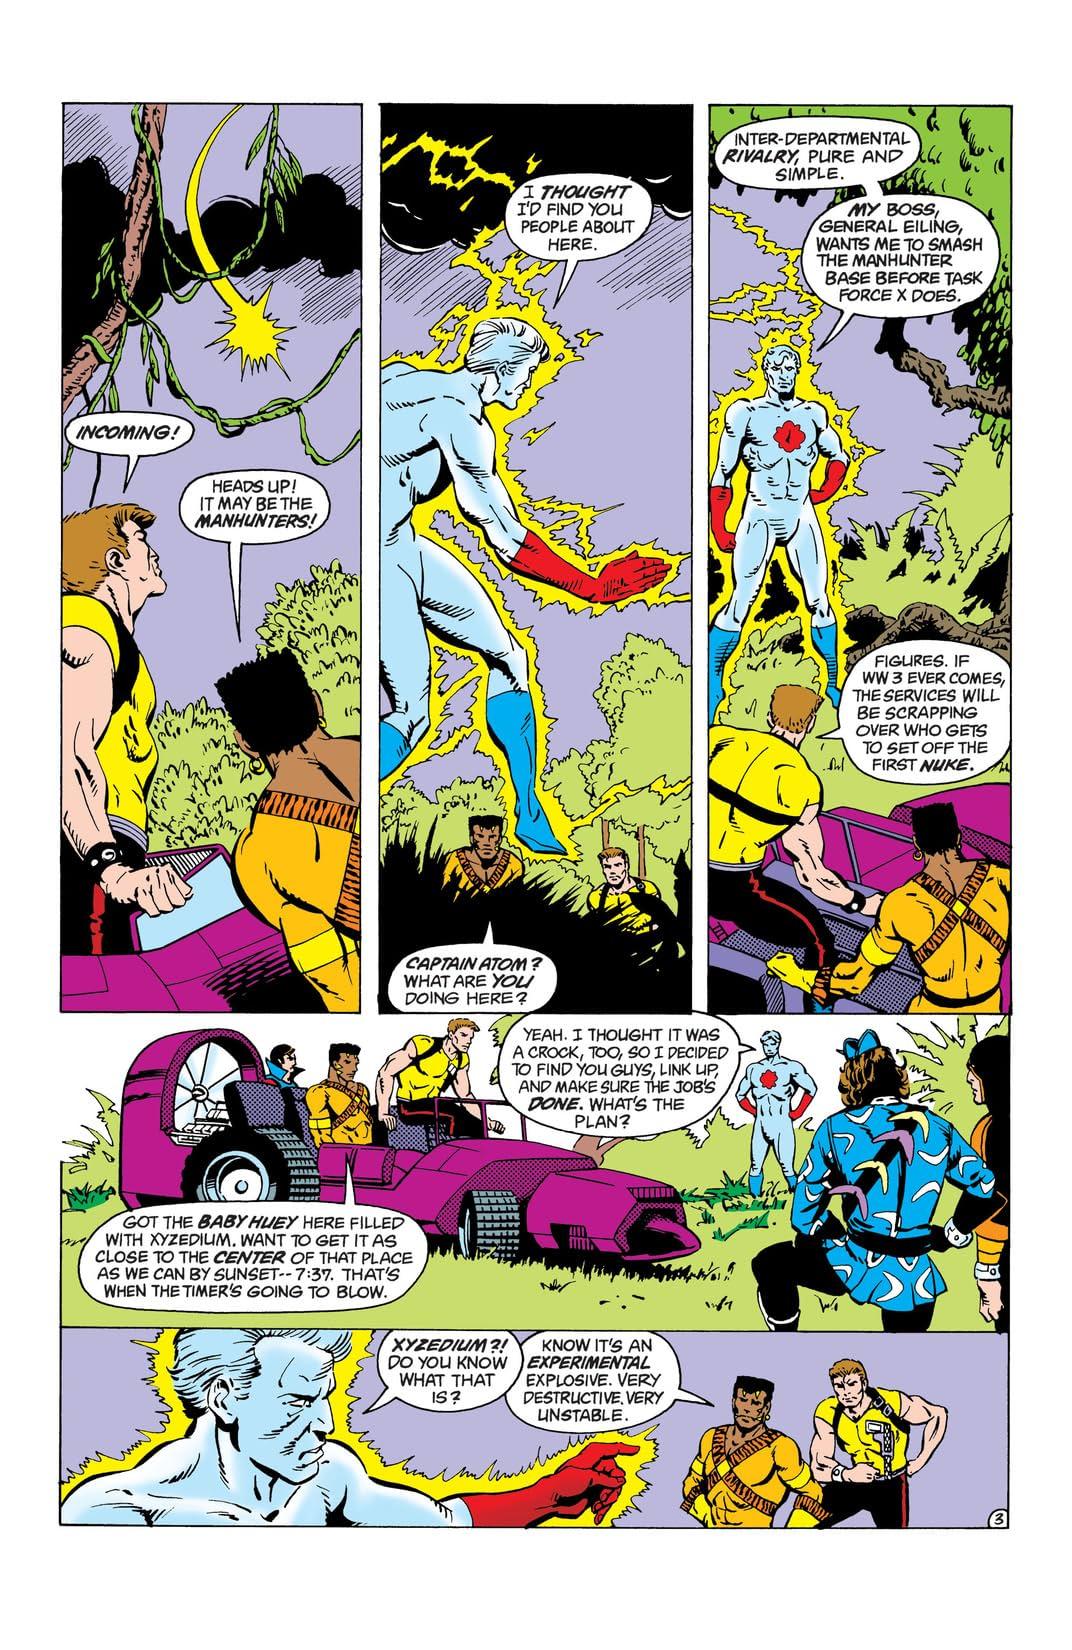 Suicide Squad (1987-1992) Vol. 2: The Nightshade Odyssey